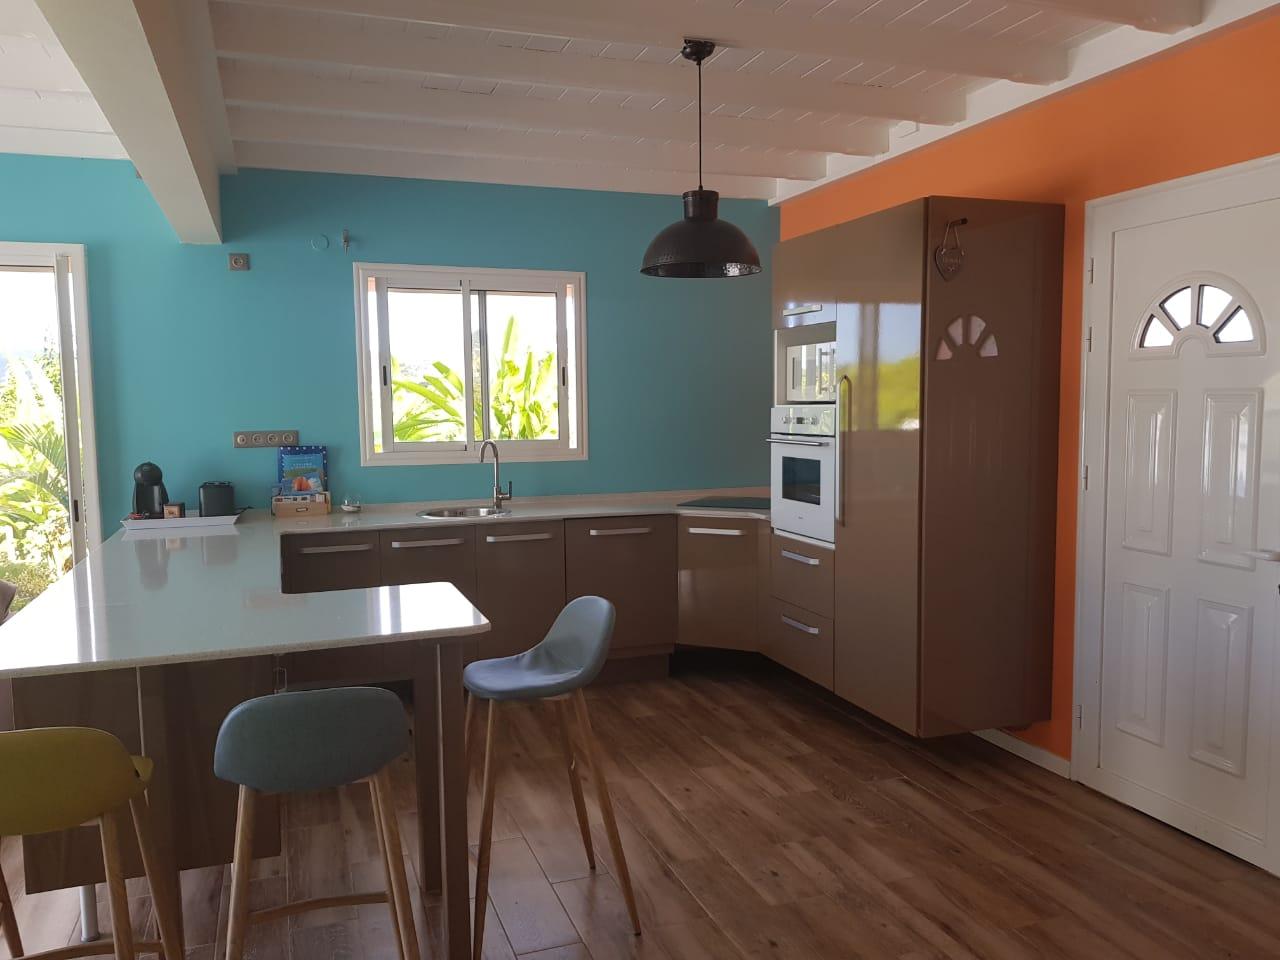 Casa de vacaciones con piscina particular para 4 personas aprox. 90 m² en Le Lamentin, Fort-de-France